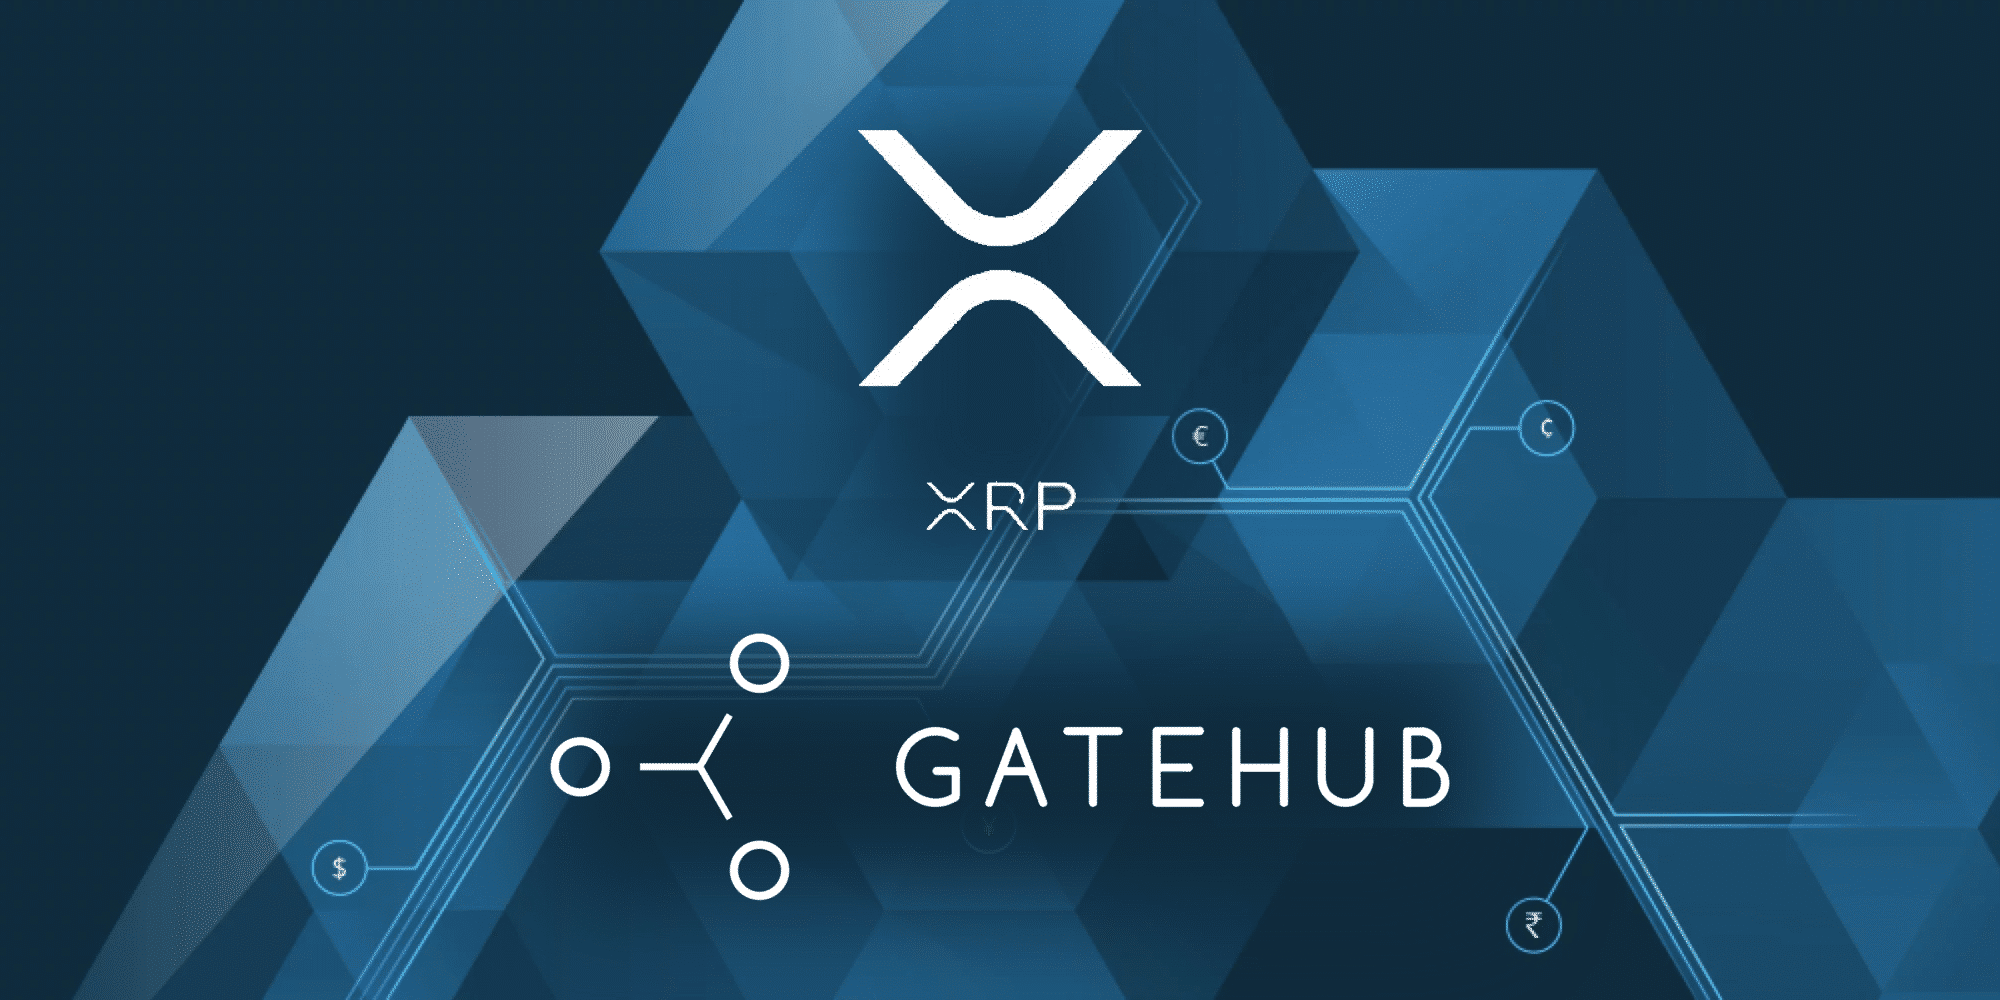 أعلنت GateHub أنها ستستمر في دعم XRP على الرغم من التقاضي من لجنة الأوراق المالية والبورصات